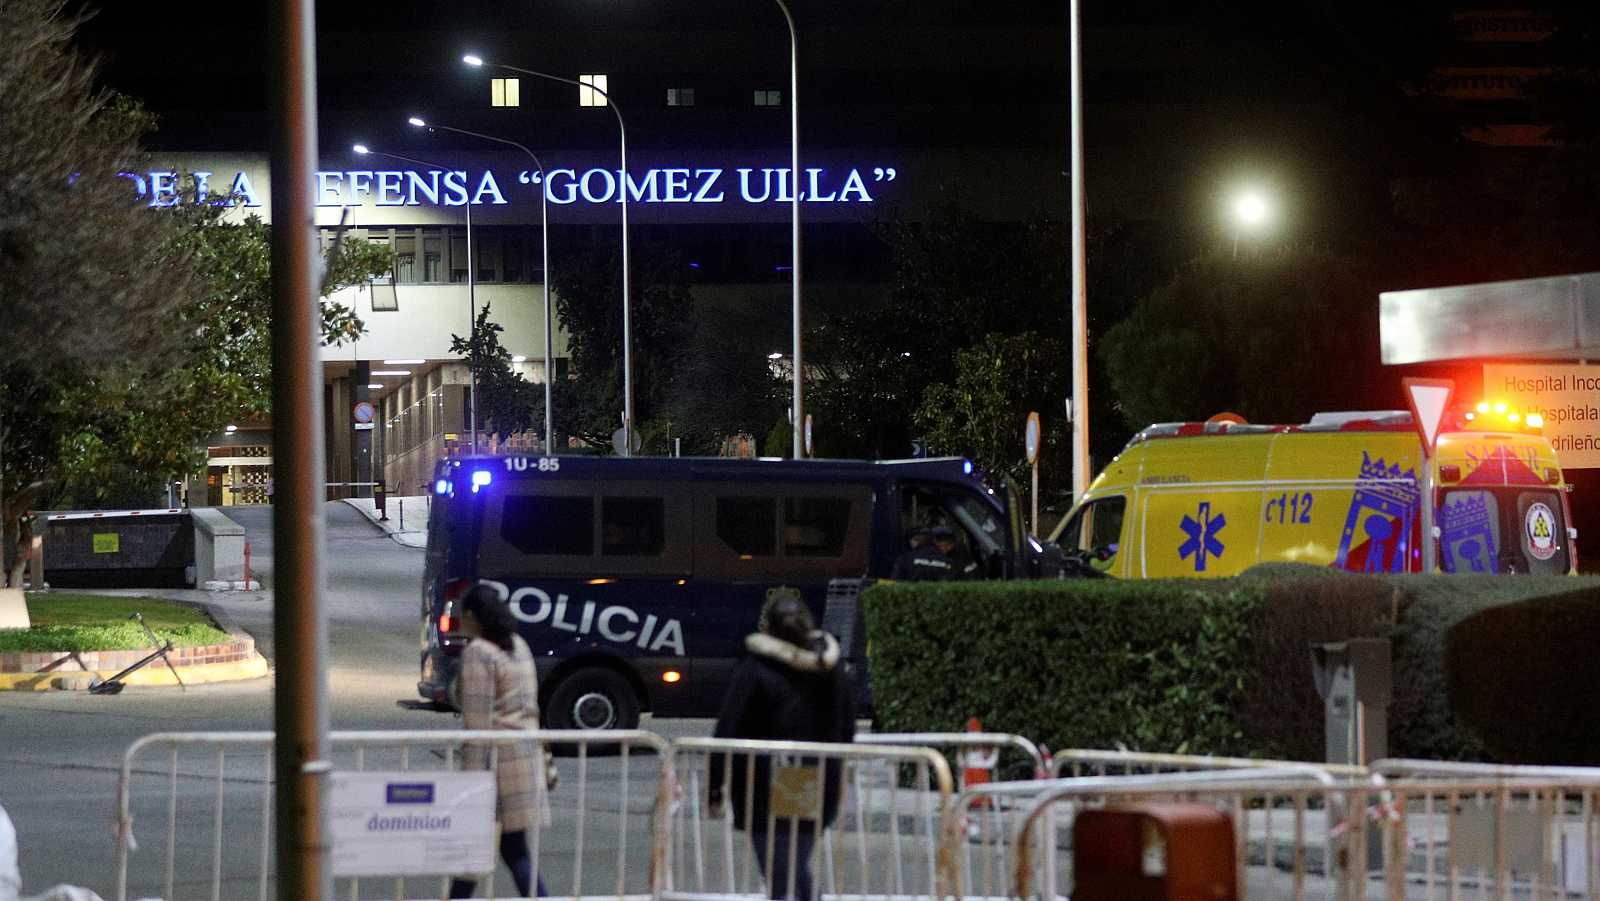 Vista del exterior del Hospital Gómez Ulla, donde pasan la cuarentena los españoles evacuados de Wuhan.